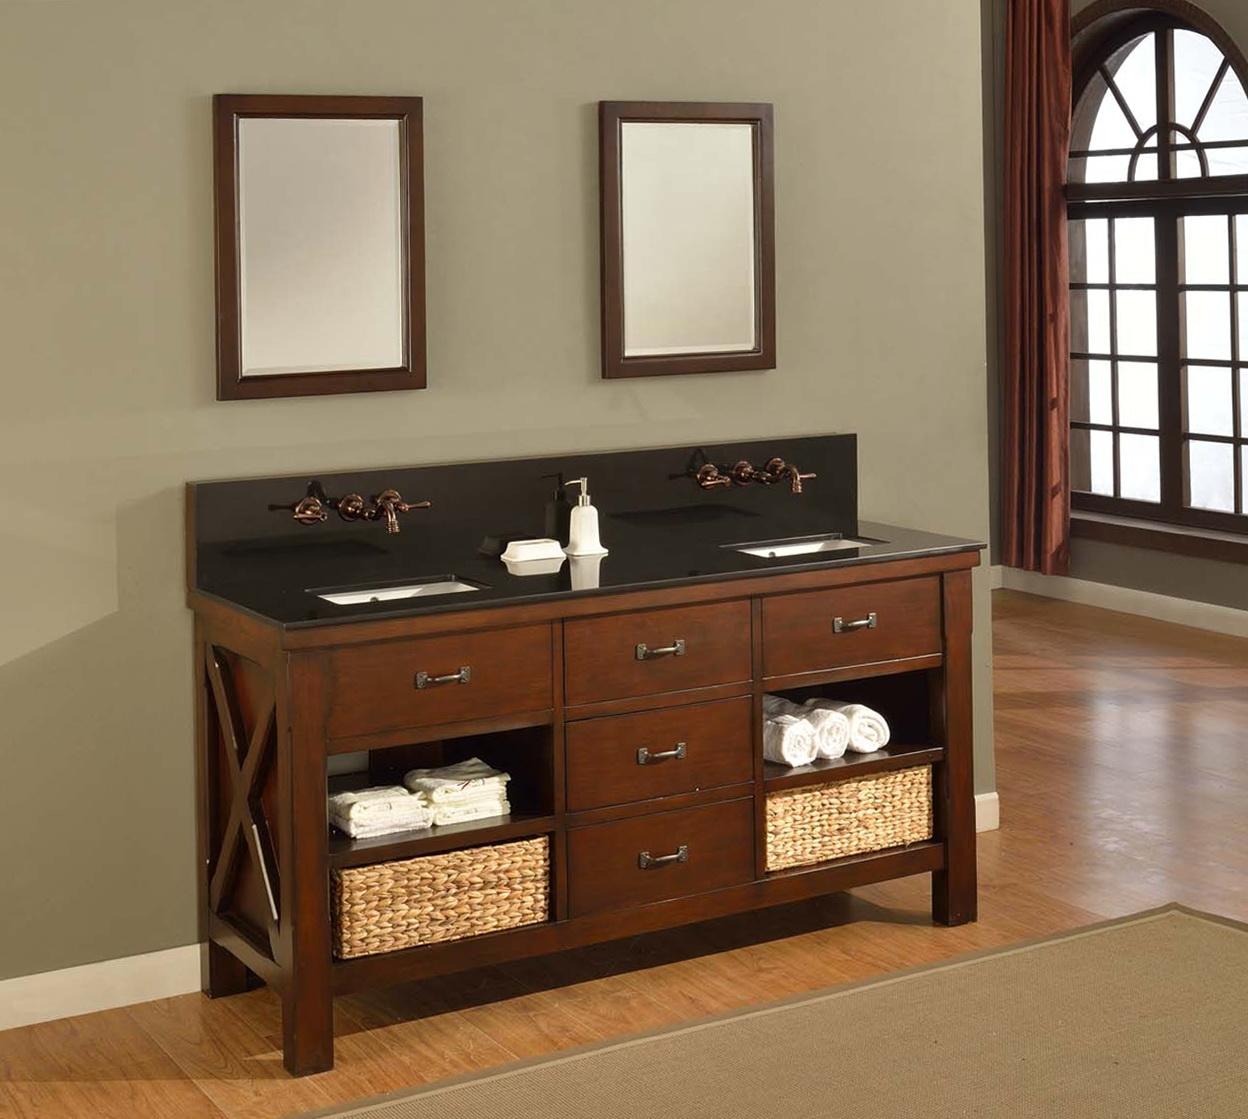 Bathroom Vanity With Open Shelves